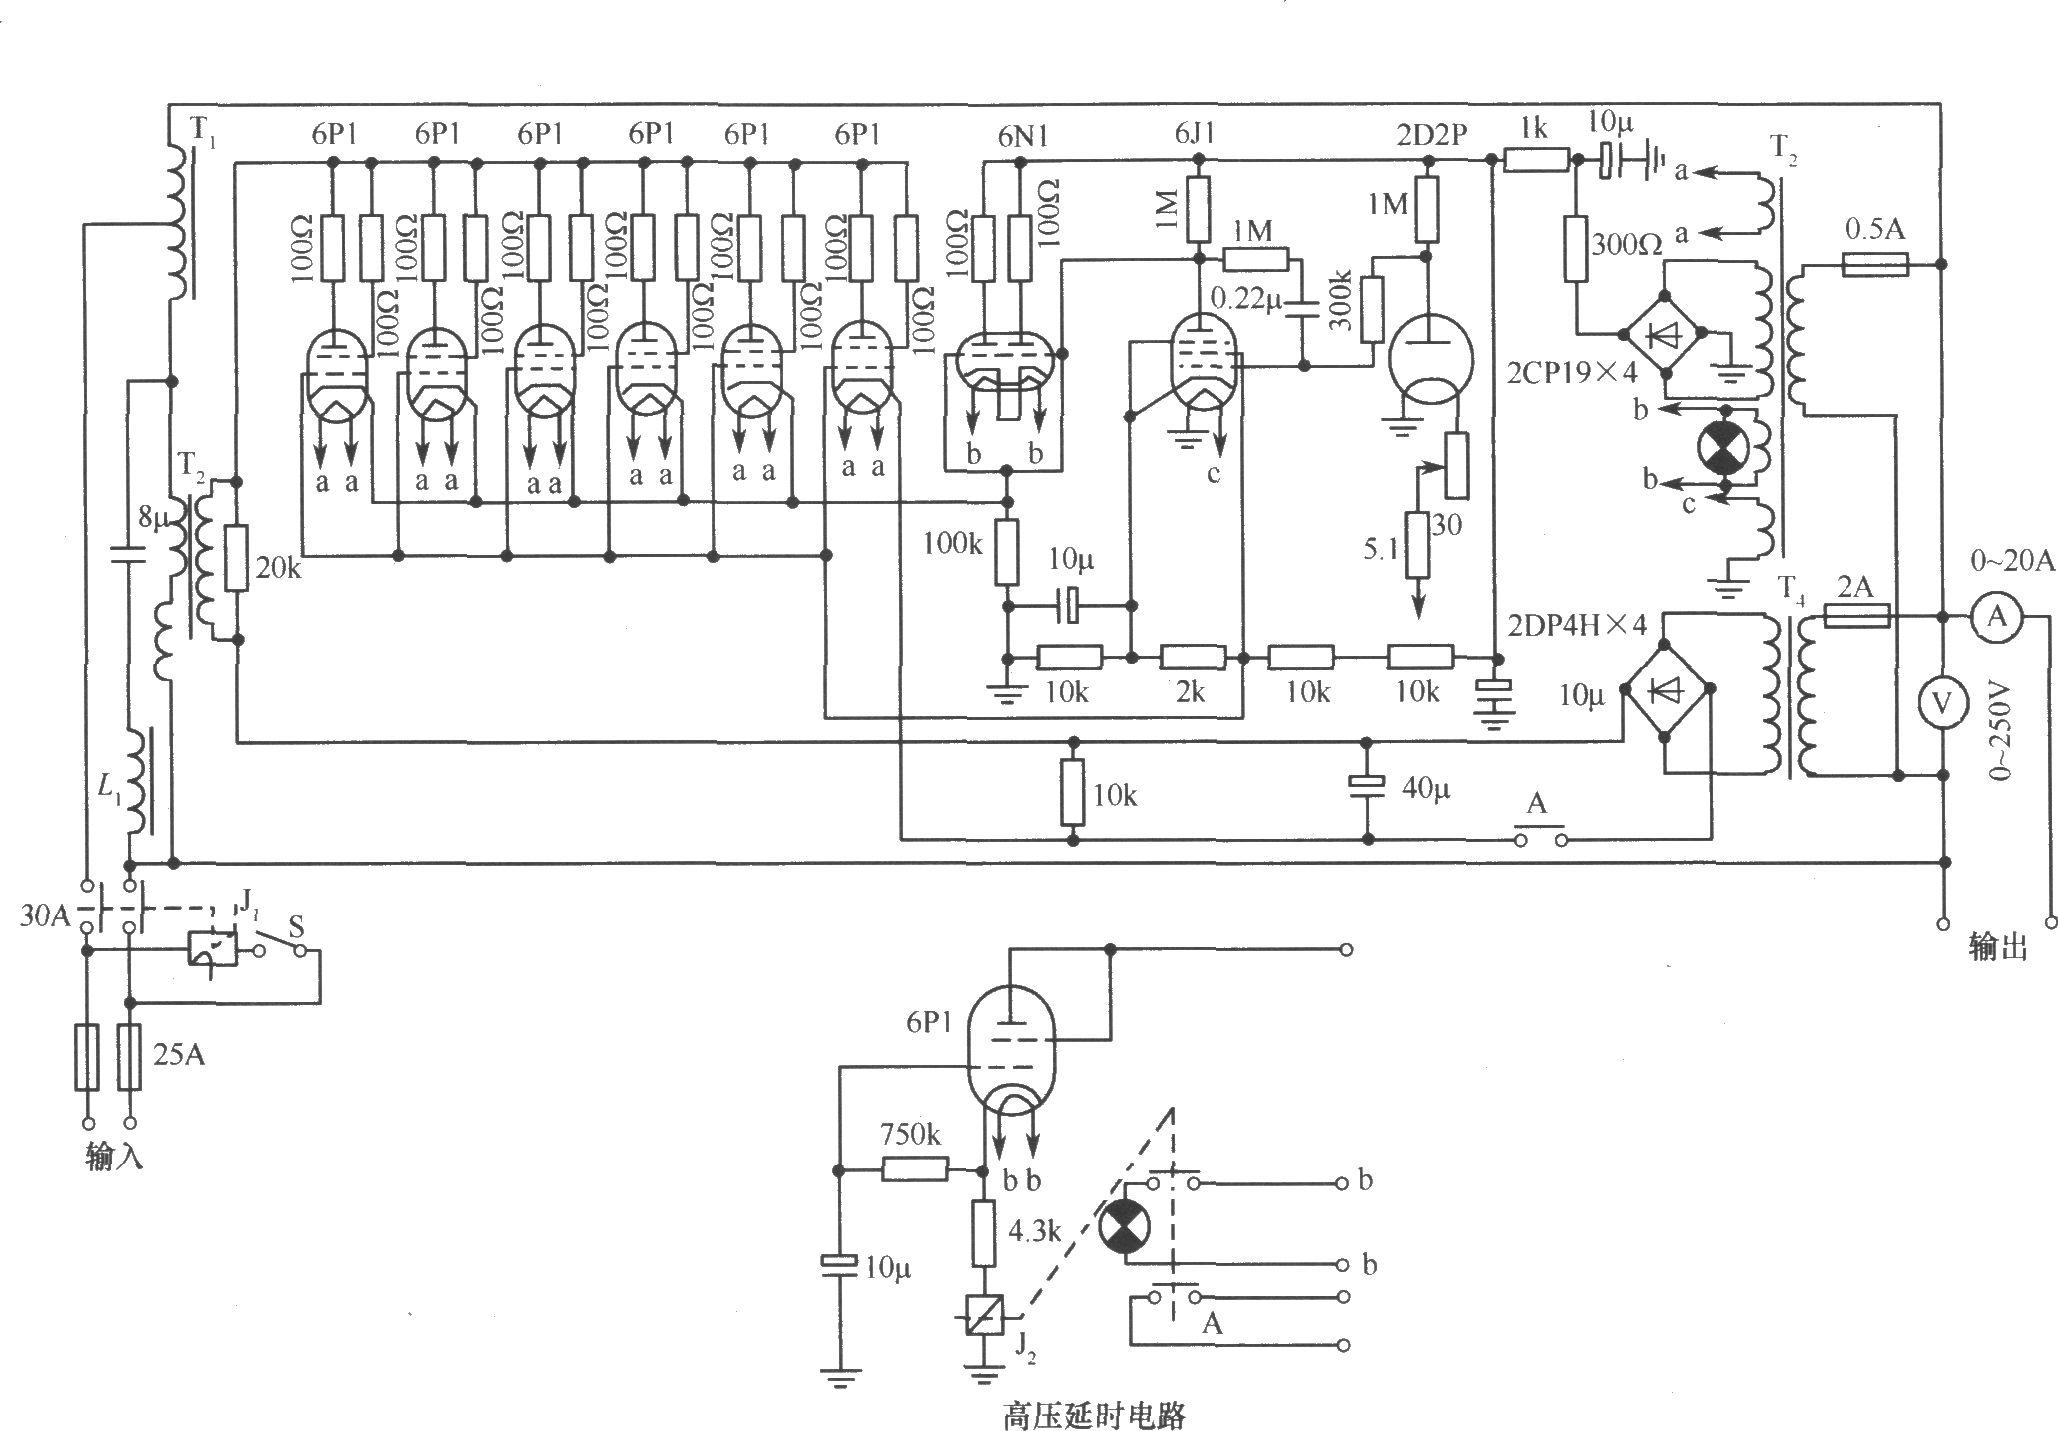 614-B3(3kVA)交流稳压器电路